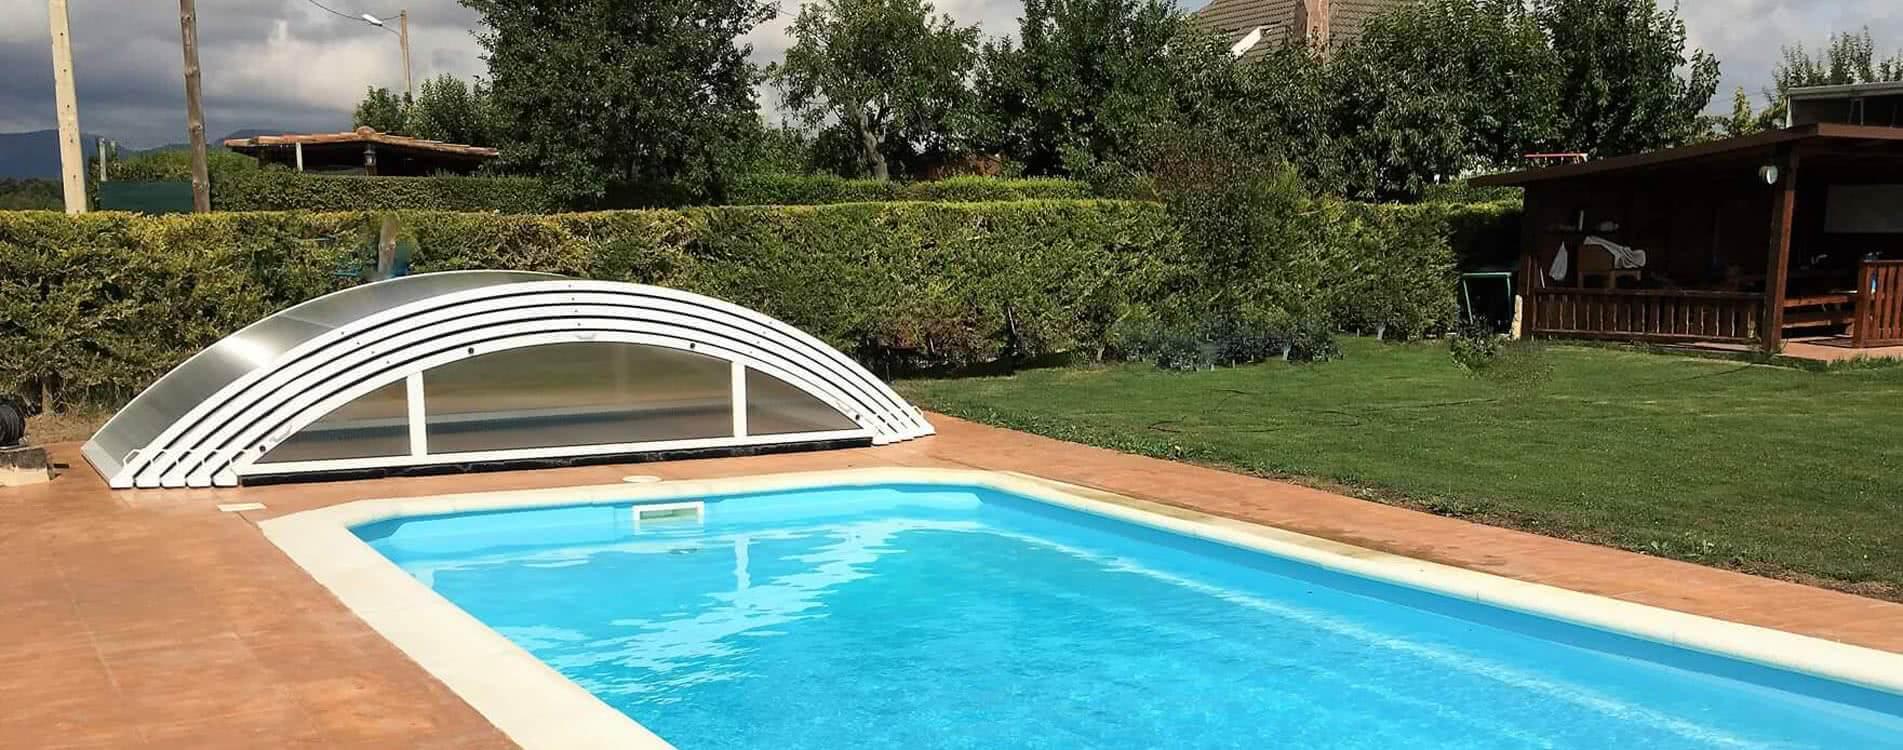 Teide cubiertas bajas para piscinas tecnyvan for Fabricantes piscinas